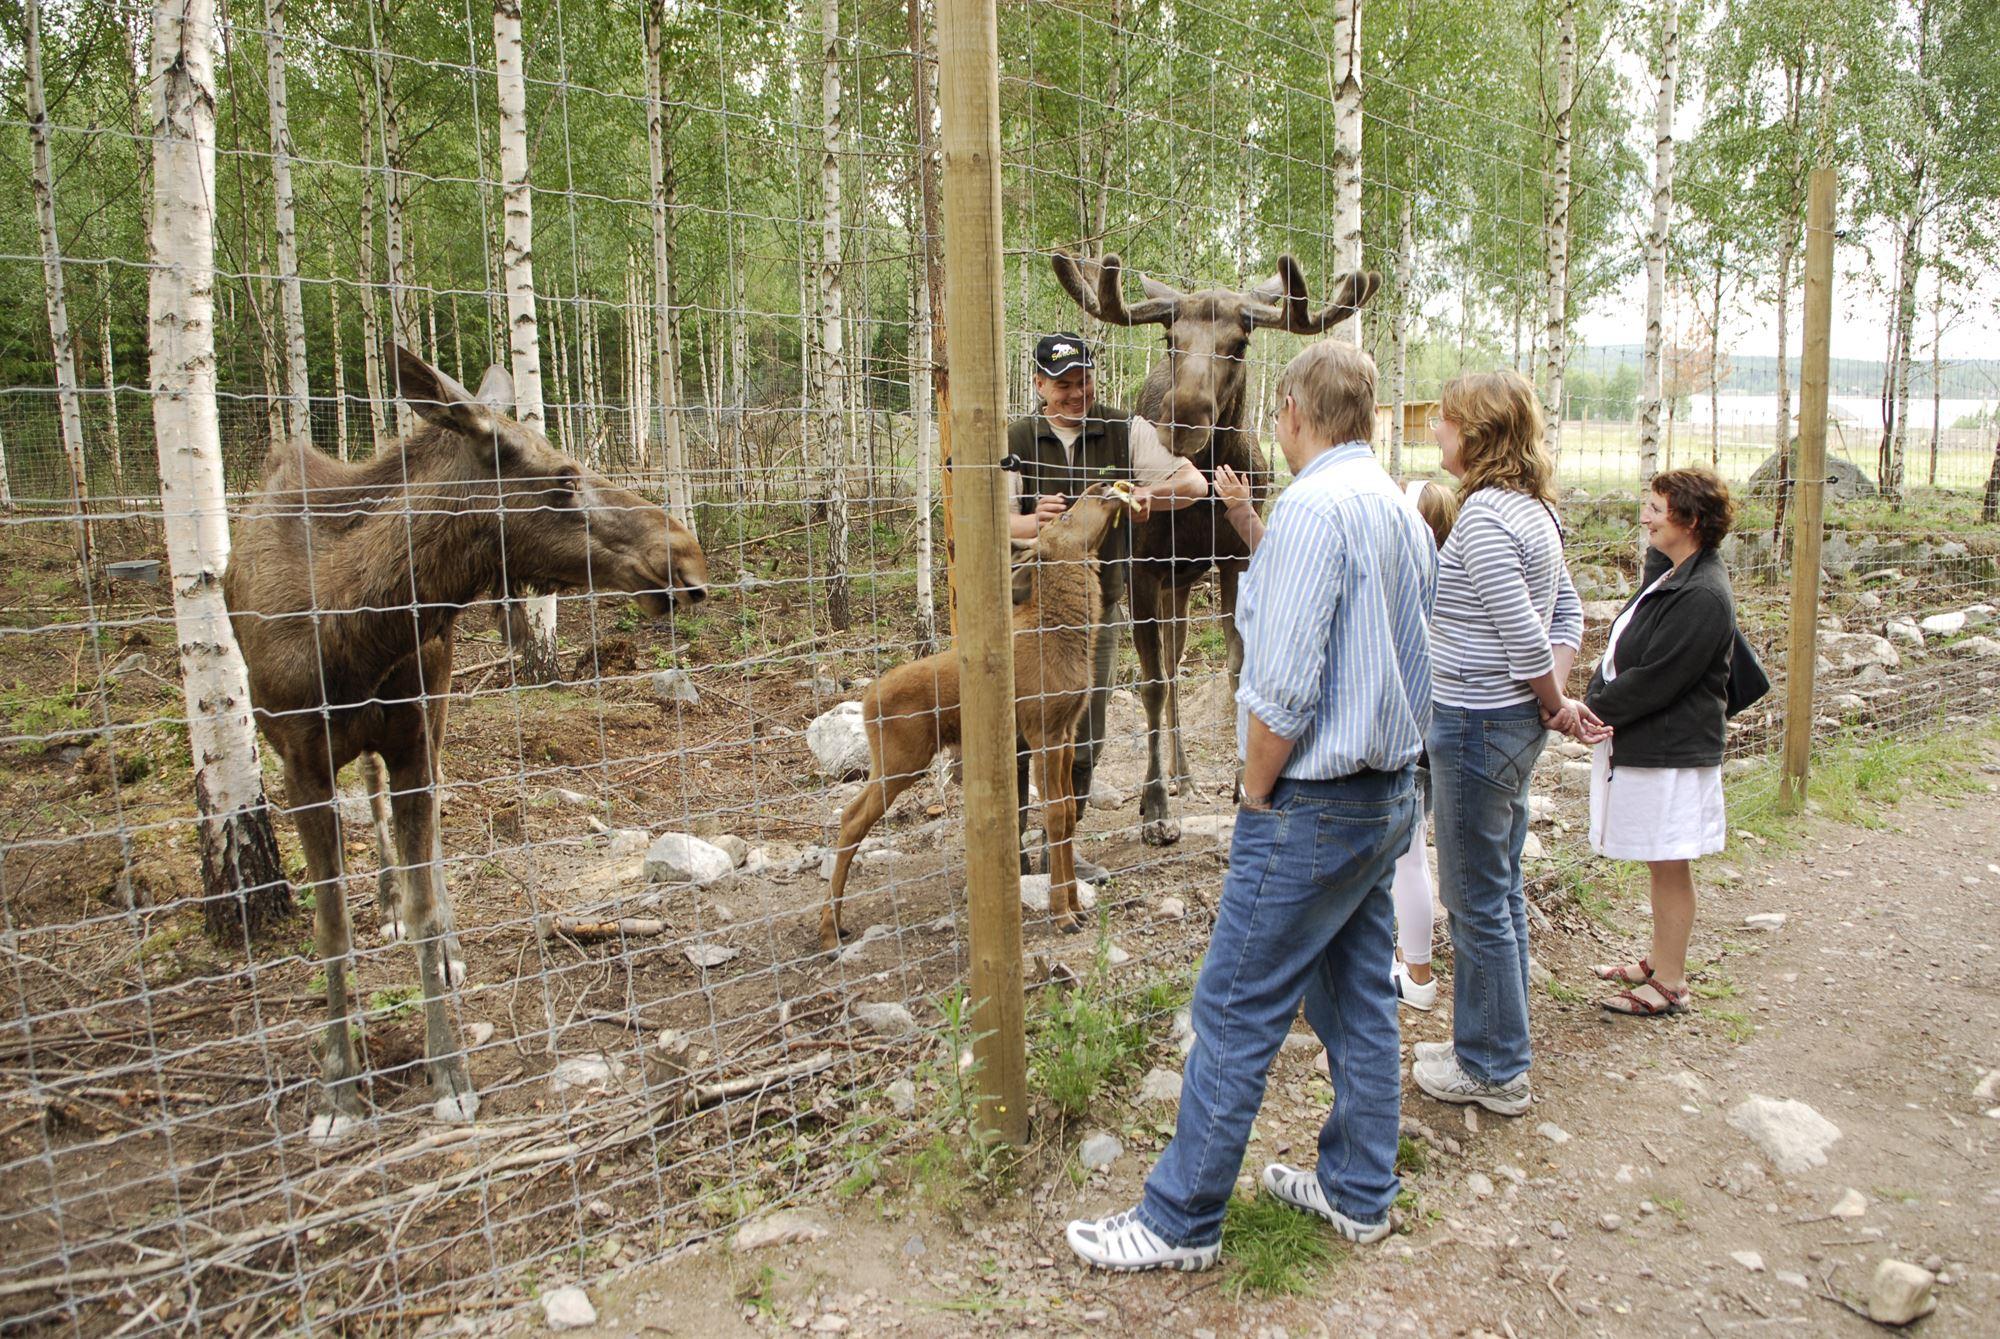 foto: Pia Wallner, Långshyttans Älgpark